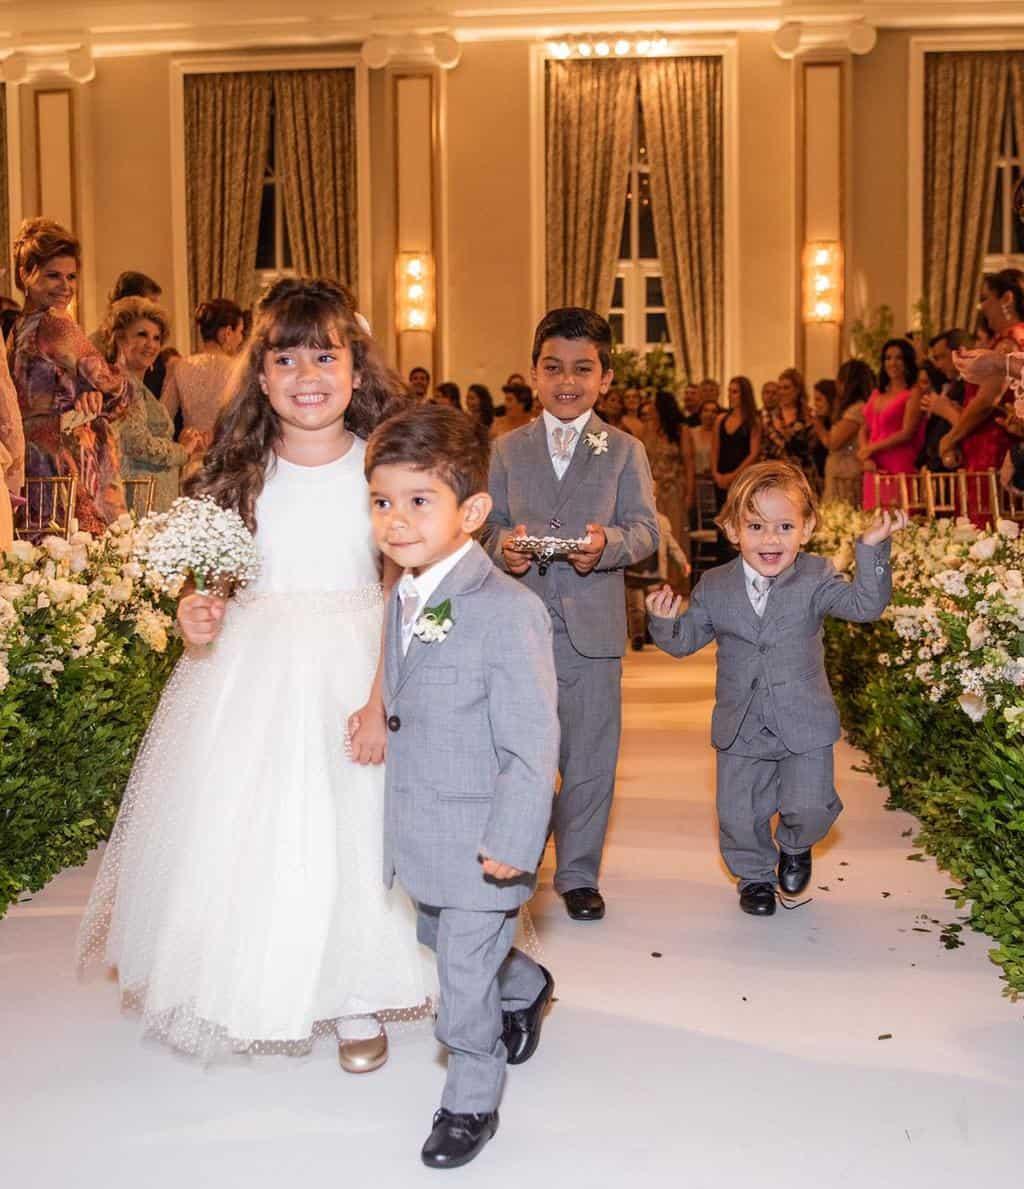 casamento-clássico-casamento-tradicional-casamento-fabiane-e-gustavo-copacabana-palace-rio-de-janeiro-Fotografa-Rodrigo-Sack-3